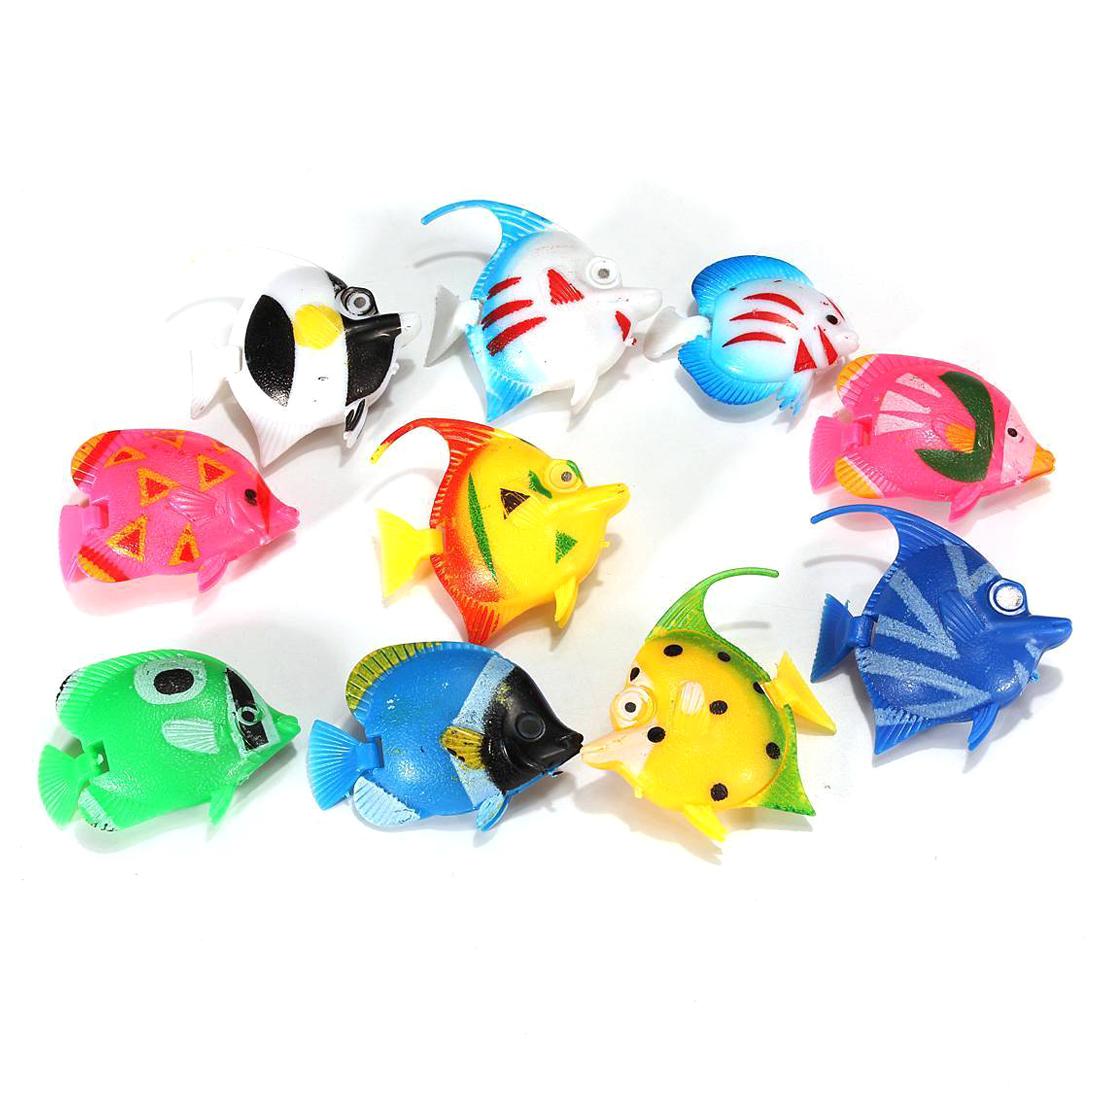 Toys For Fish : Pcs plastic small fake fish for aquarium decoration pk